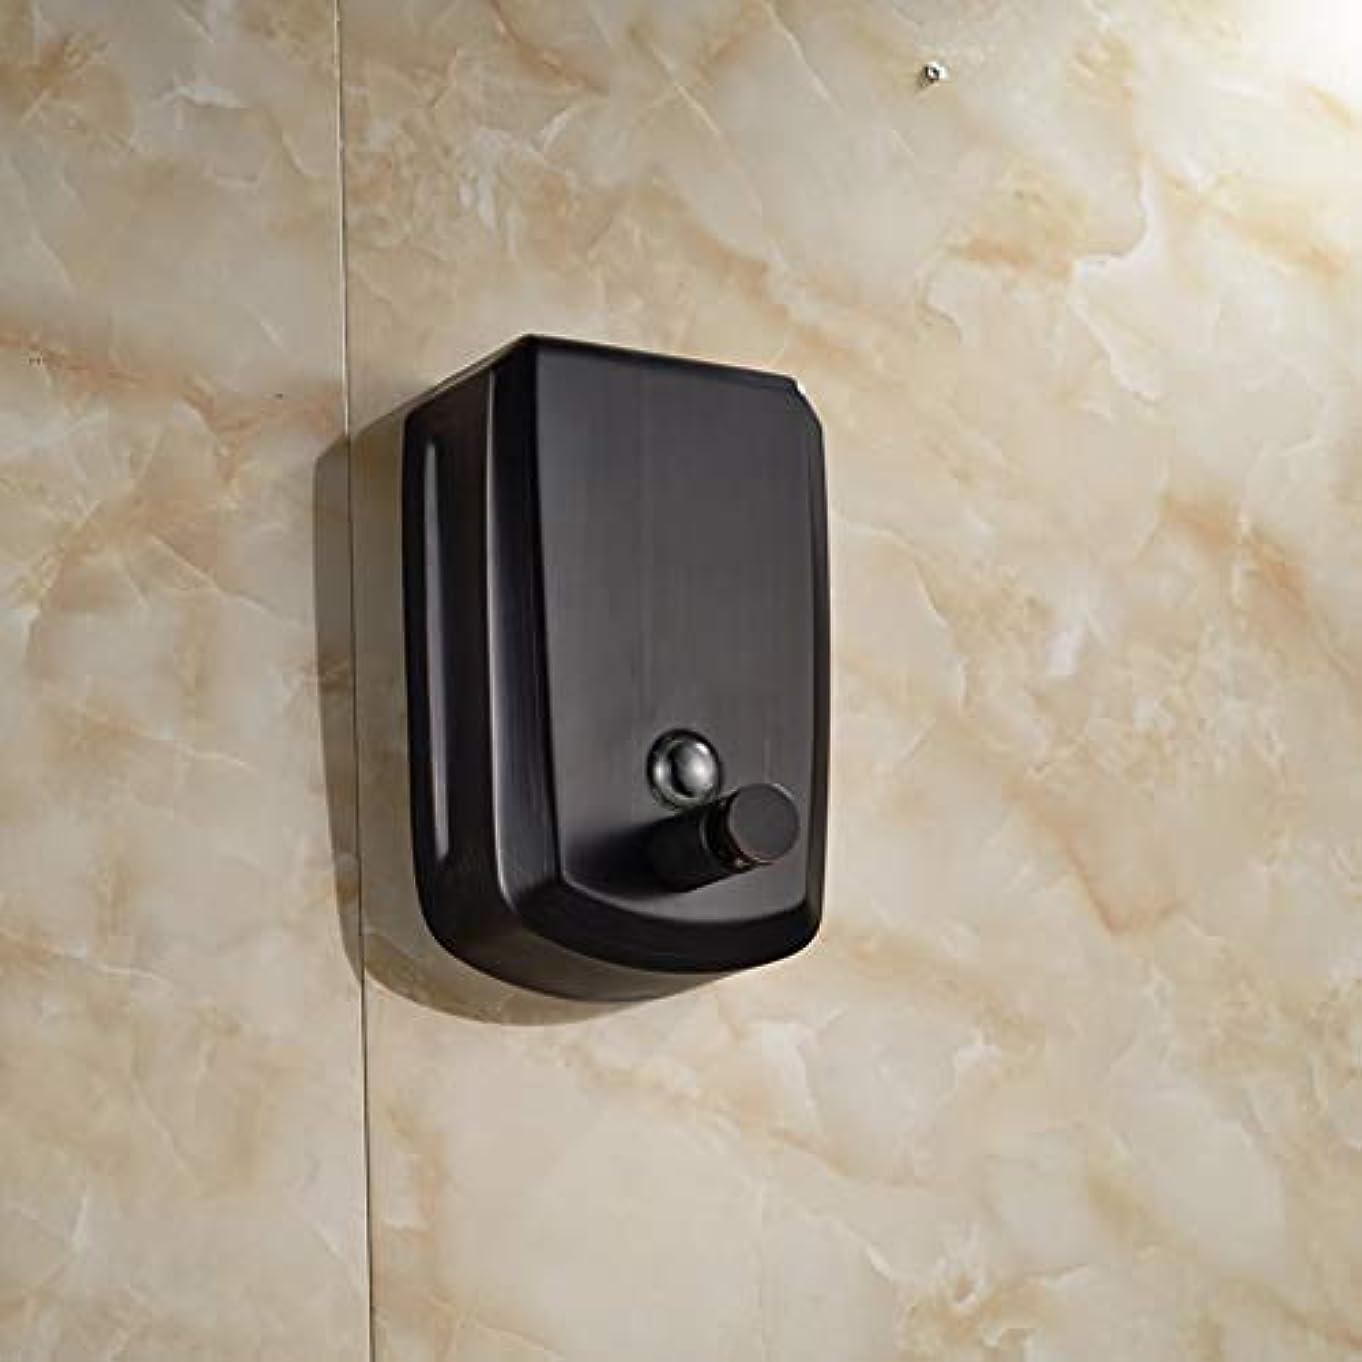 気まぐれな面白いキャップLUDSUY Oil Rubbed Bronze 800ml Bathroom Soap Dispenser Liquid Soap Pump Lotion DispenserBathroom accessories